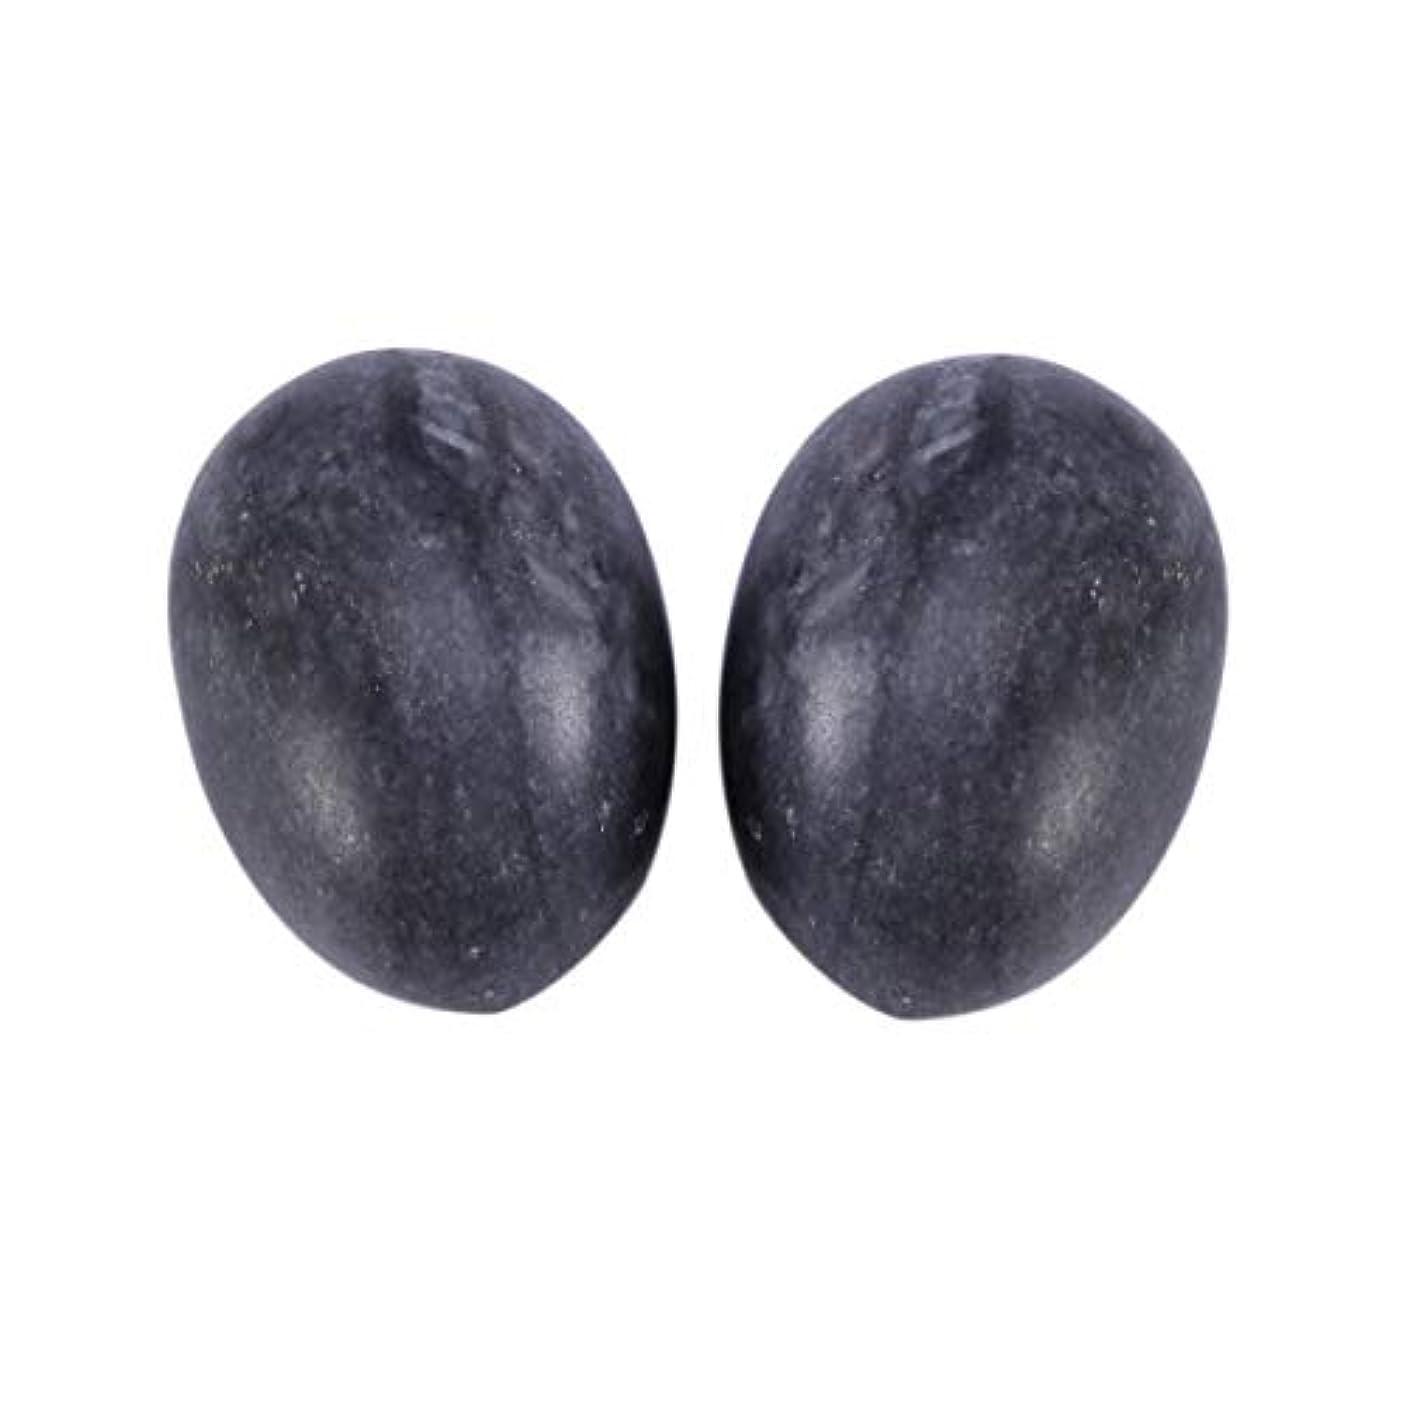 メリーホイップ長老Healifty 6PCS翡翠Yoni卵マッサージ癒しの石のケゲル運動骨盤底筋運動(黒)